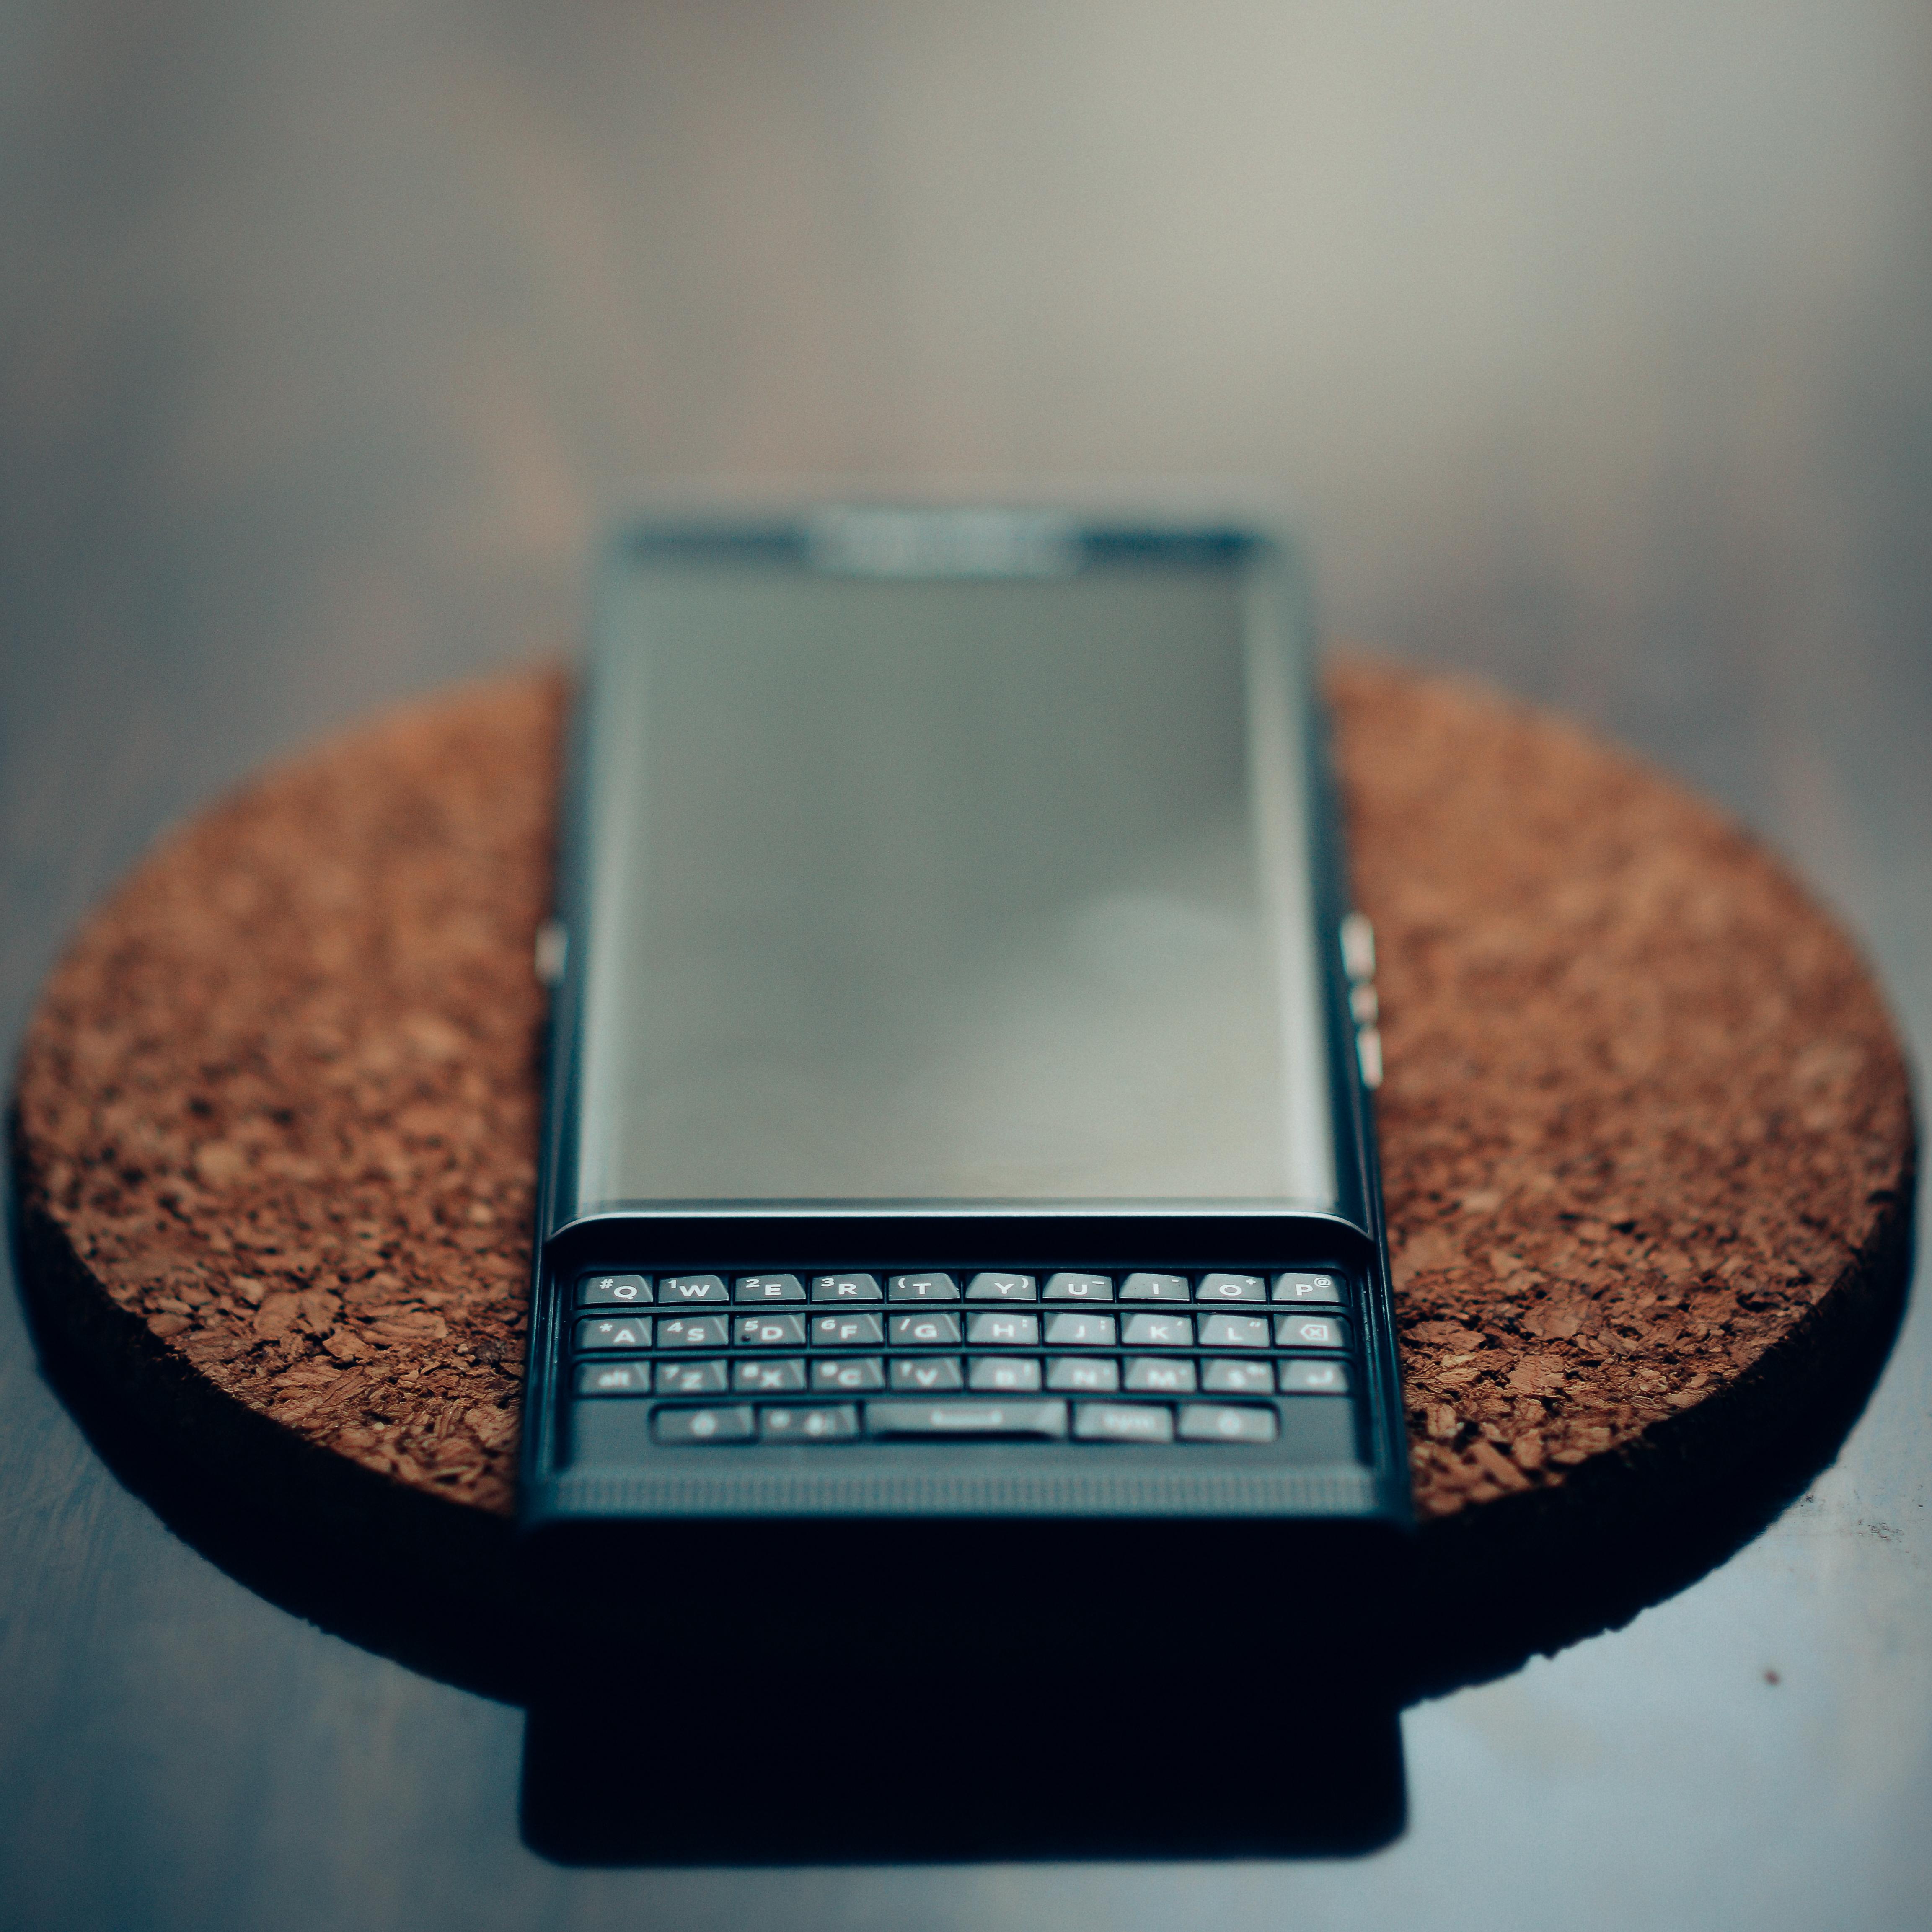 BlackBerryPRIV-40